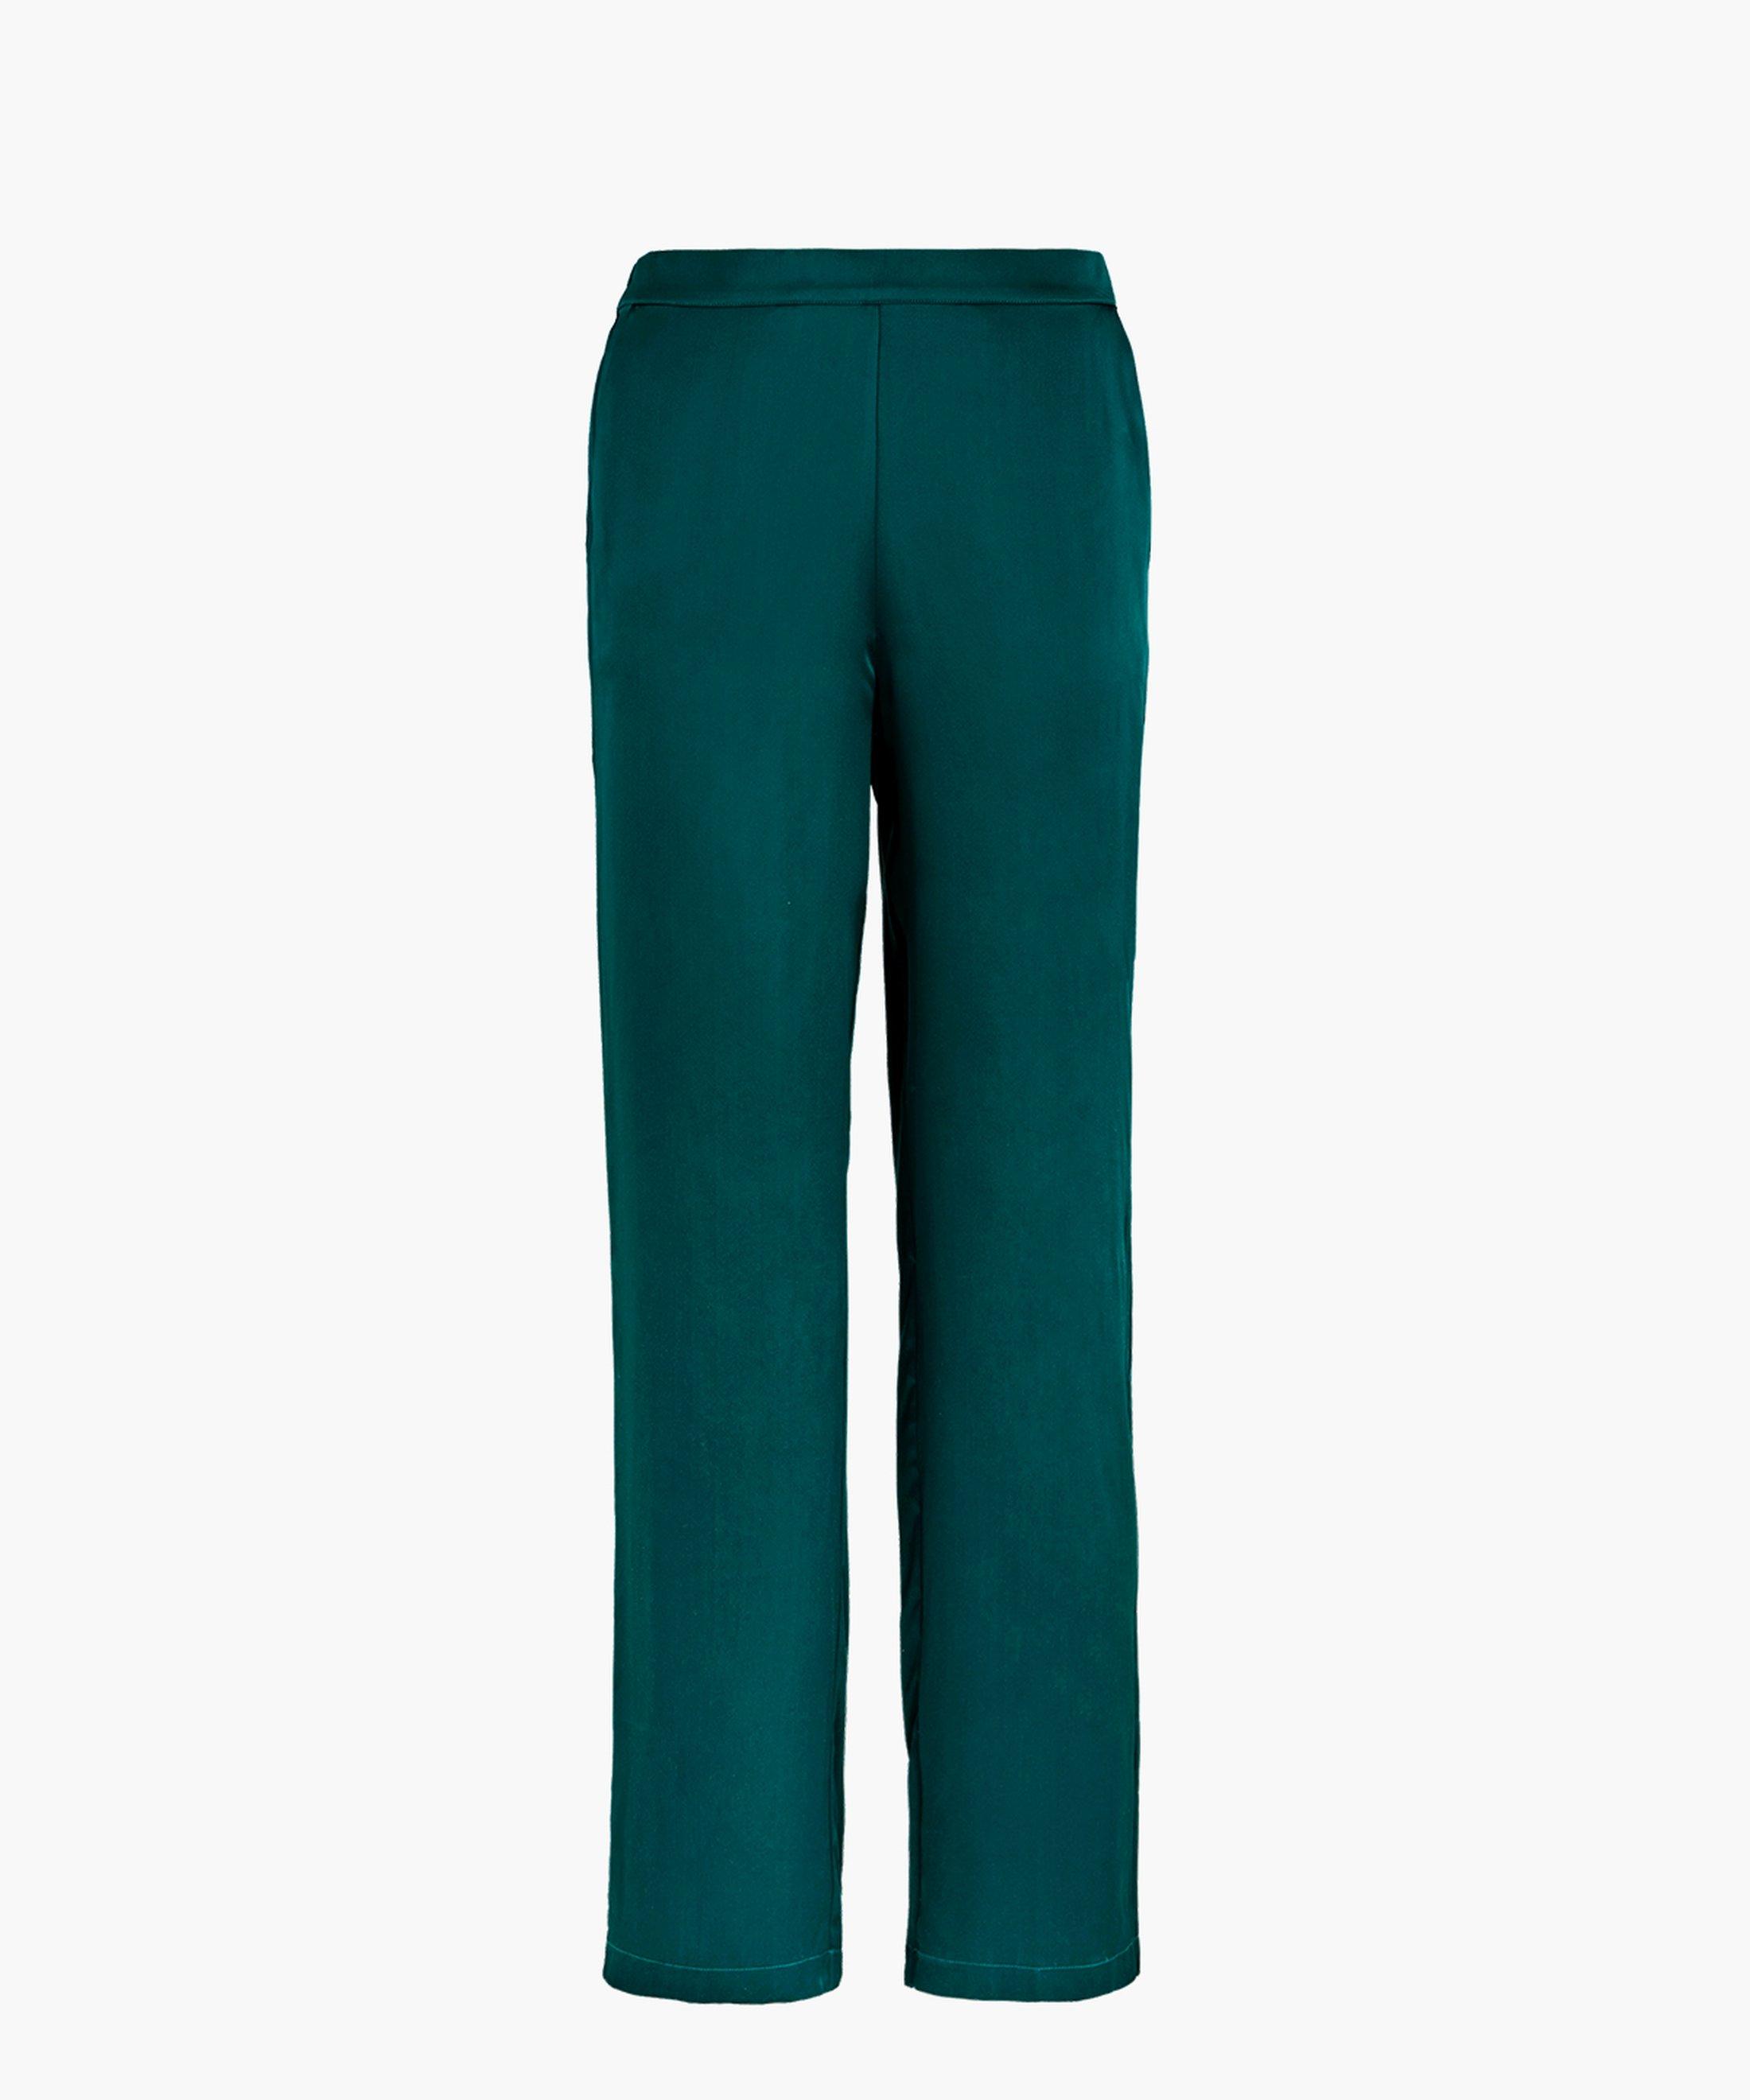 TOI MON AMOUR Pantalon en soie Emeraude | Aubade